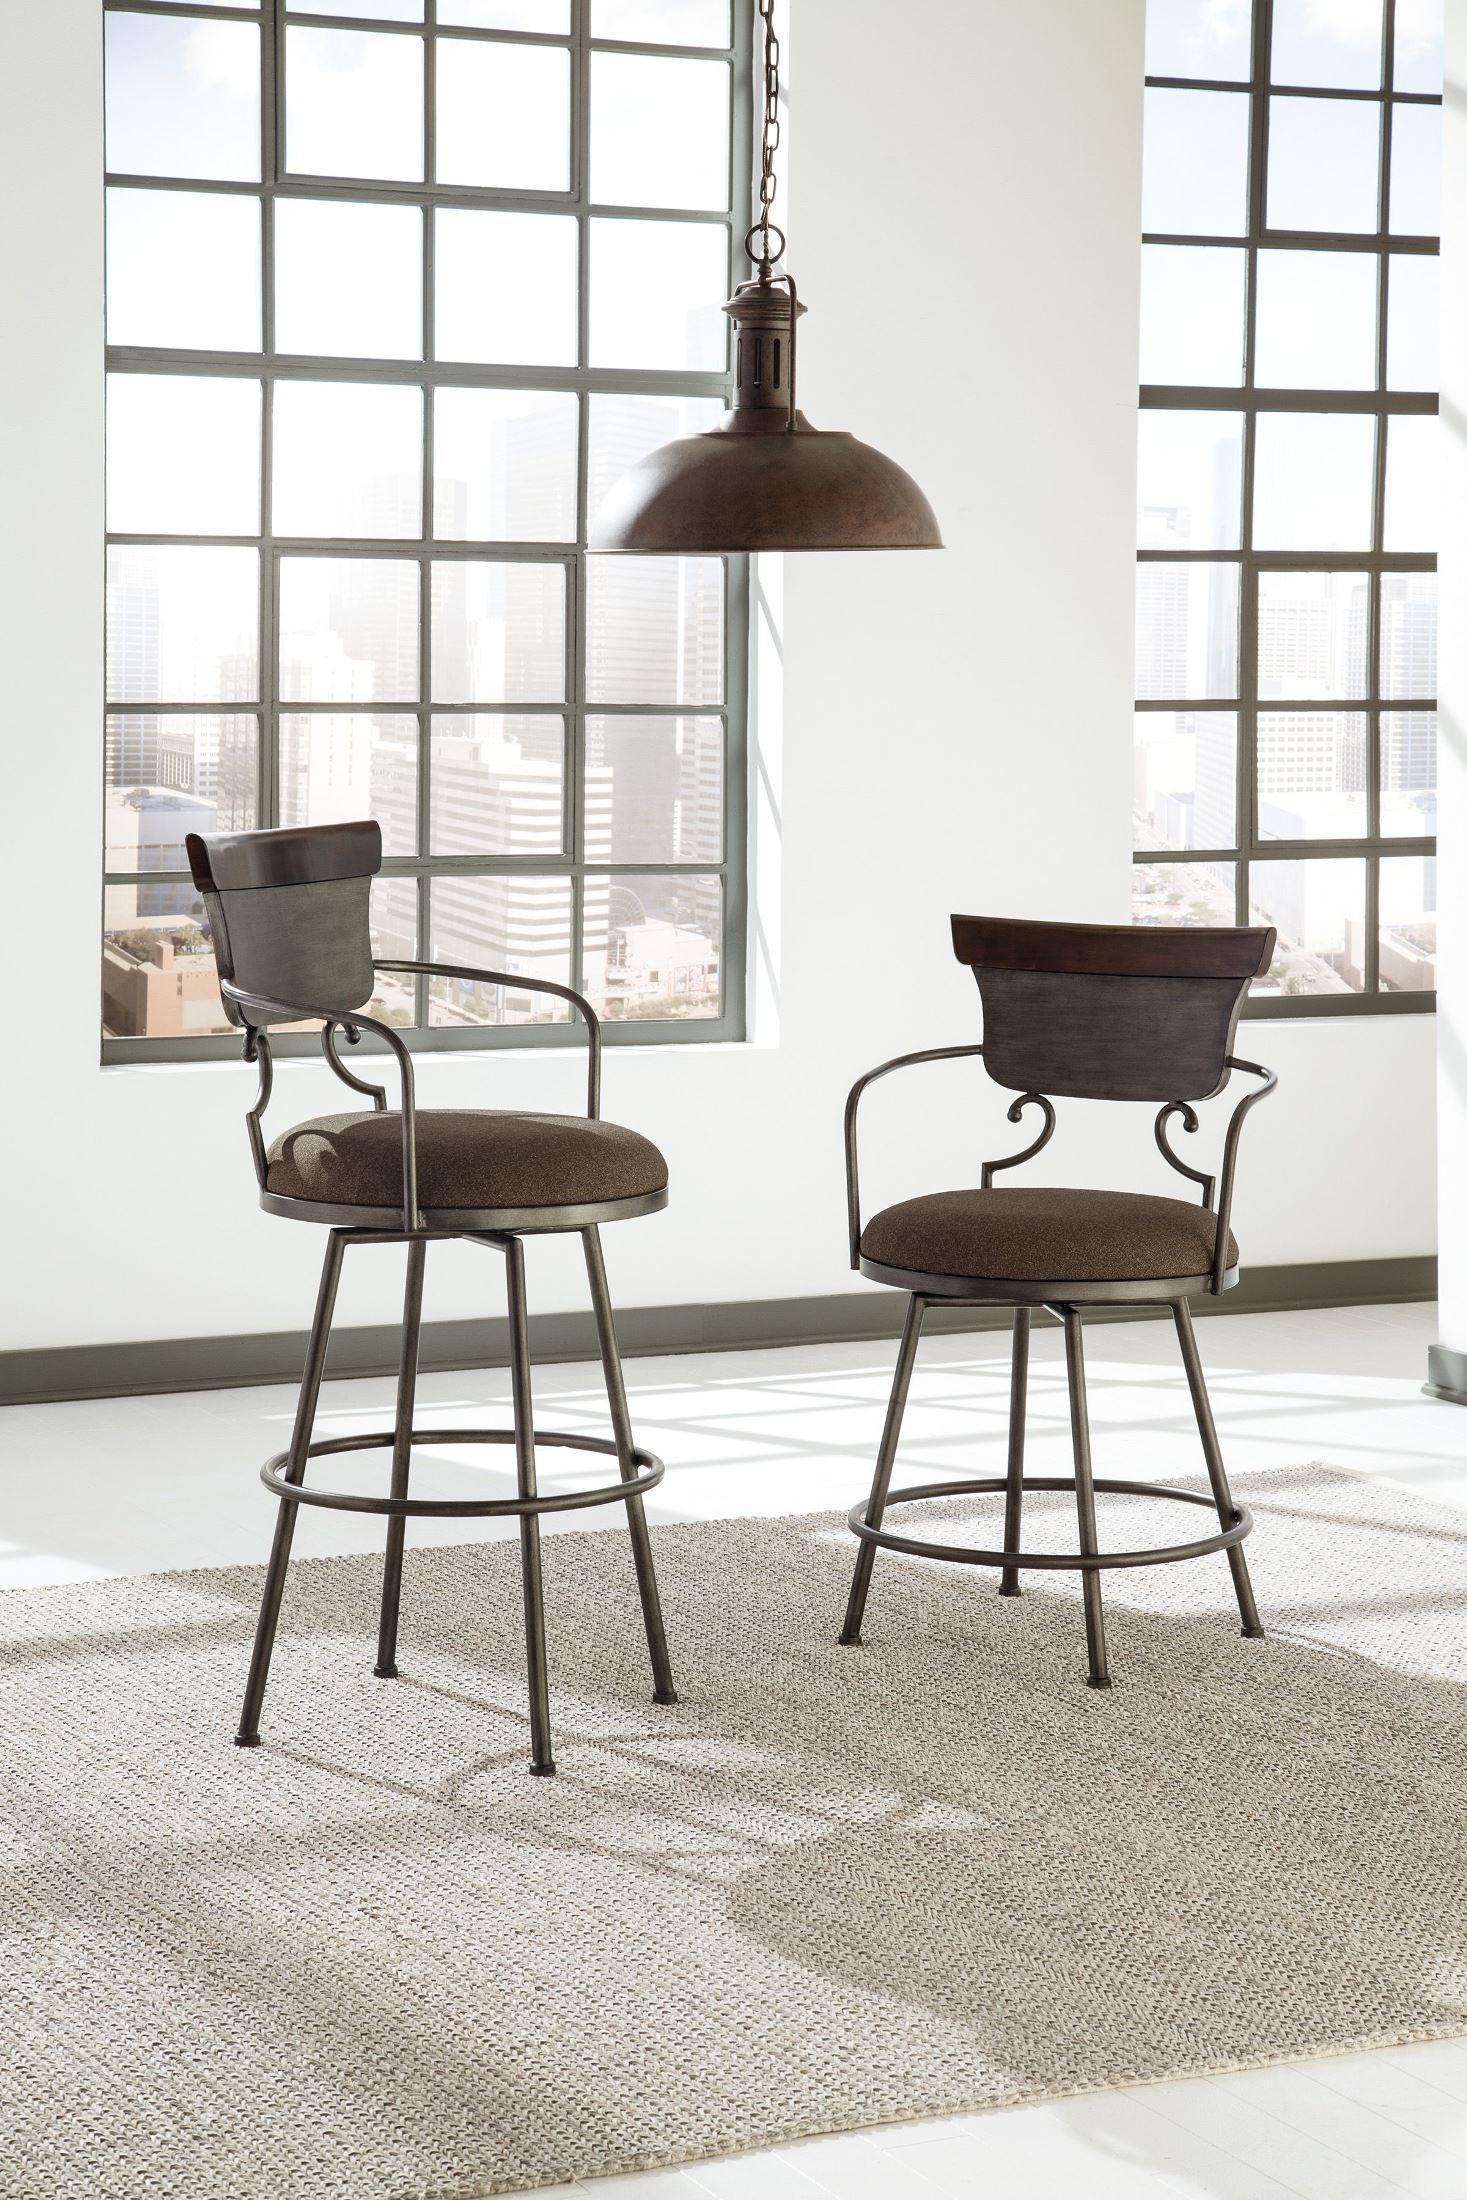 Moriann Tall Upholstered Barstool From Ashley D608 630